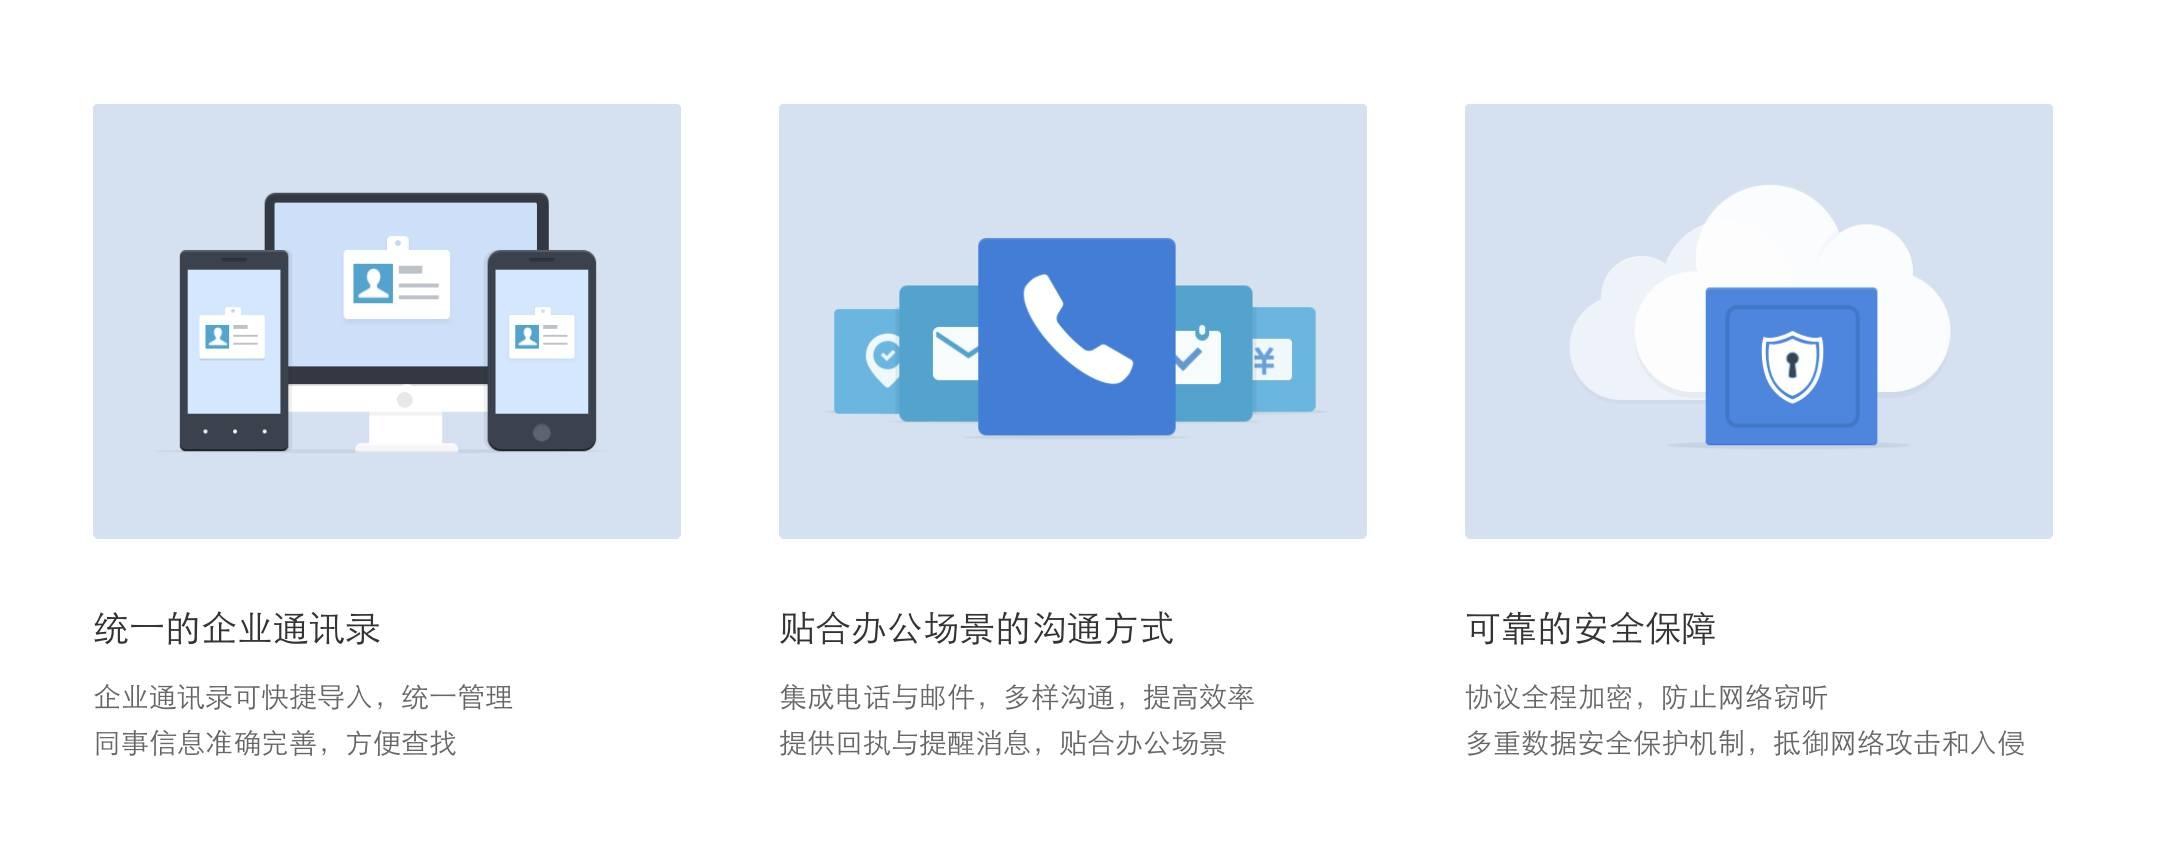 企业微信最全体验!企业微信到底值不值得加入?